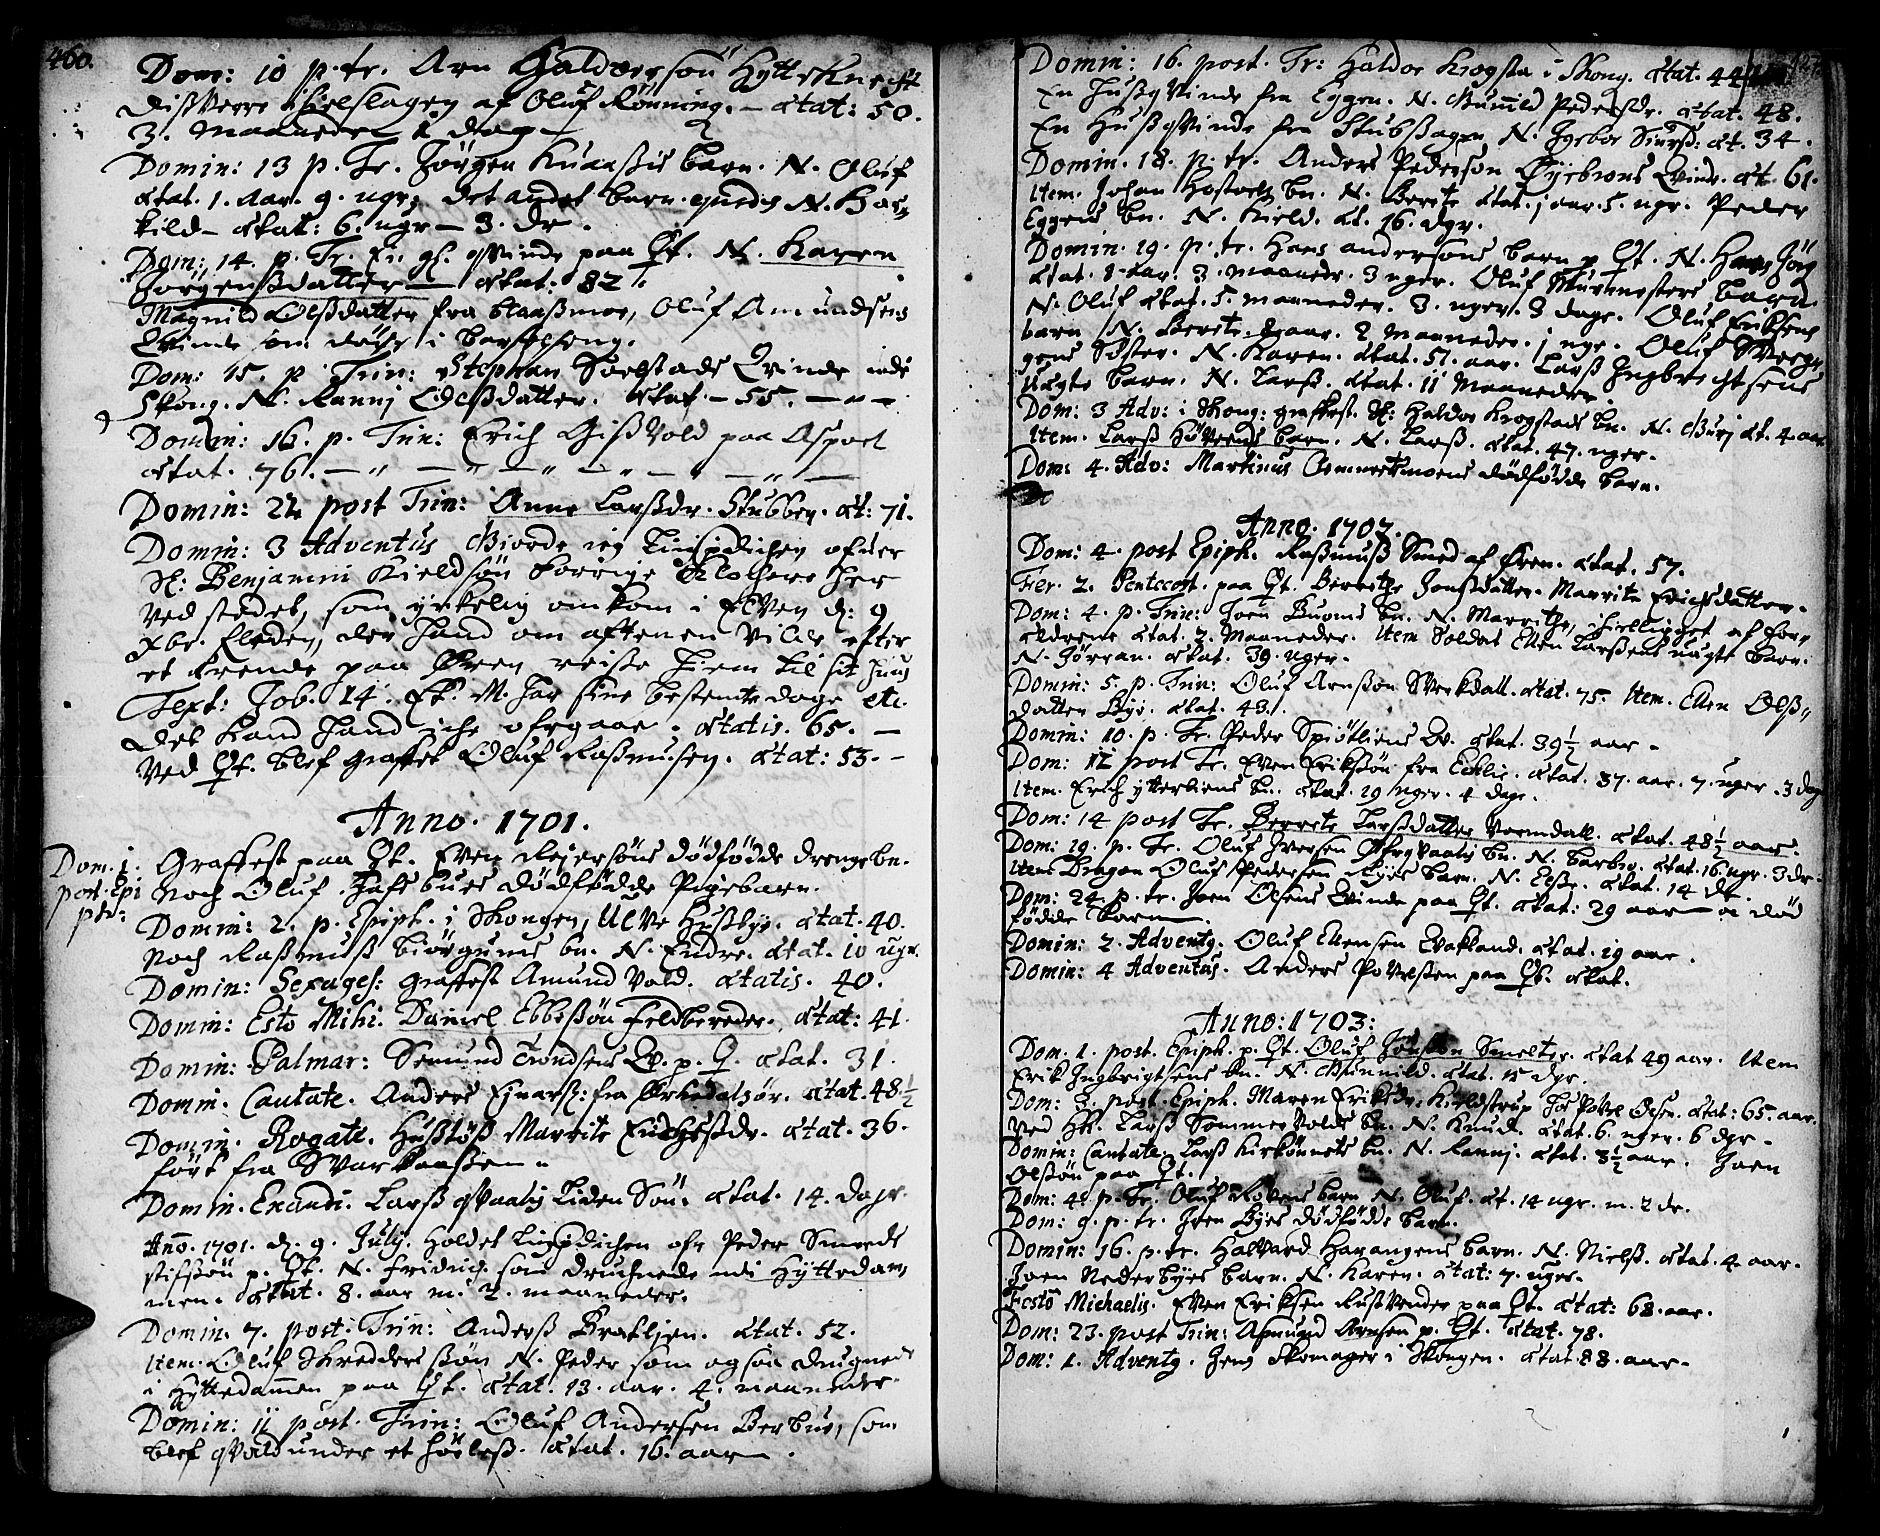 SAT, Ministerialprotokoller, klokkerbøker og fødselsregistre - Sør-Trøndelag, 668/L0801: Ministerialbok nr. 668A01, 1695-1716, s. 126-127